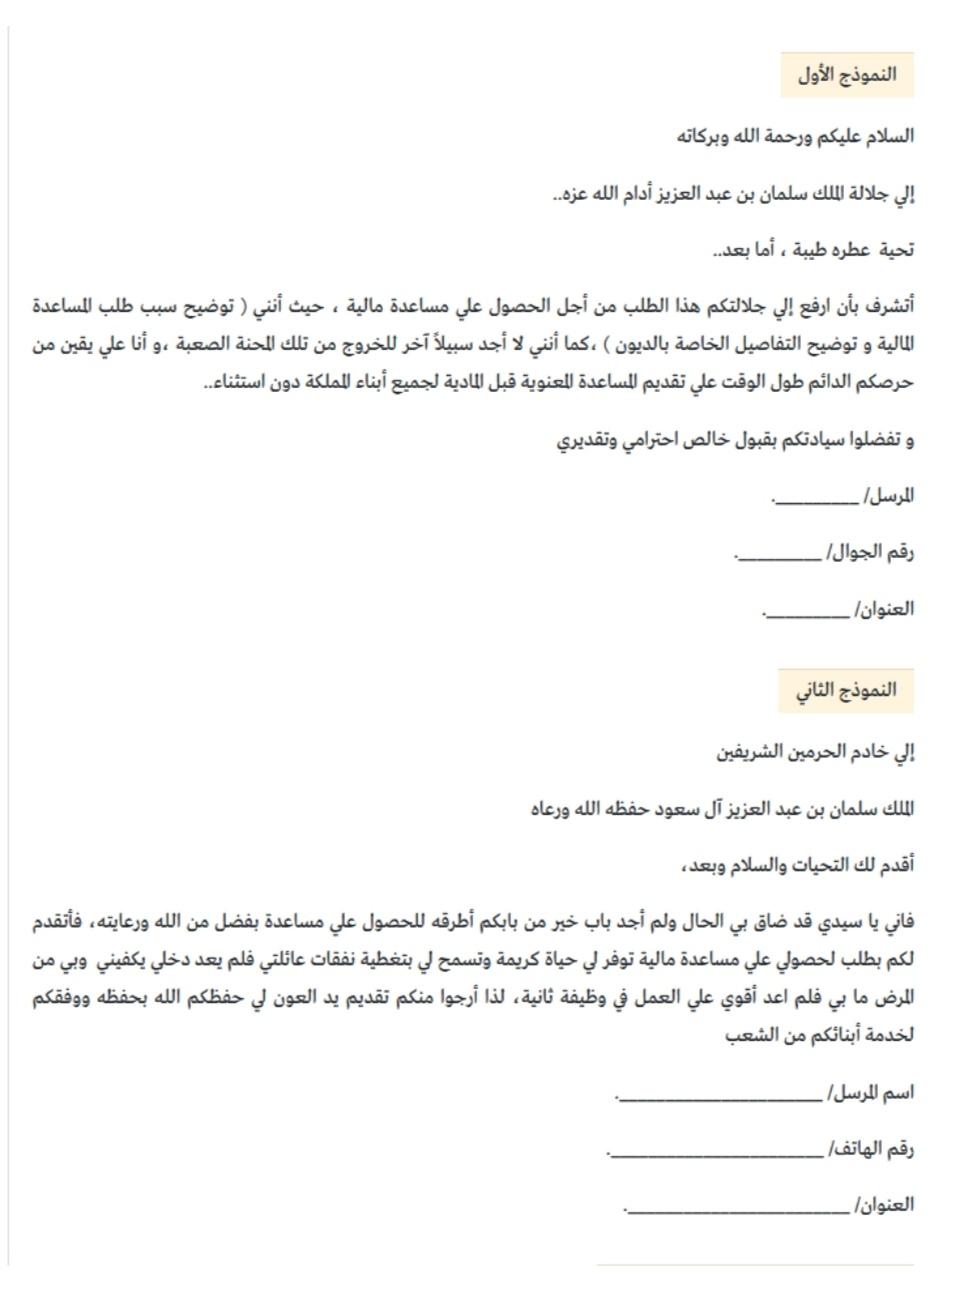 نموذج طلب مساعدة مالية من الديوان الملكي السعودي 1442